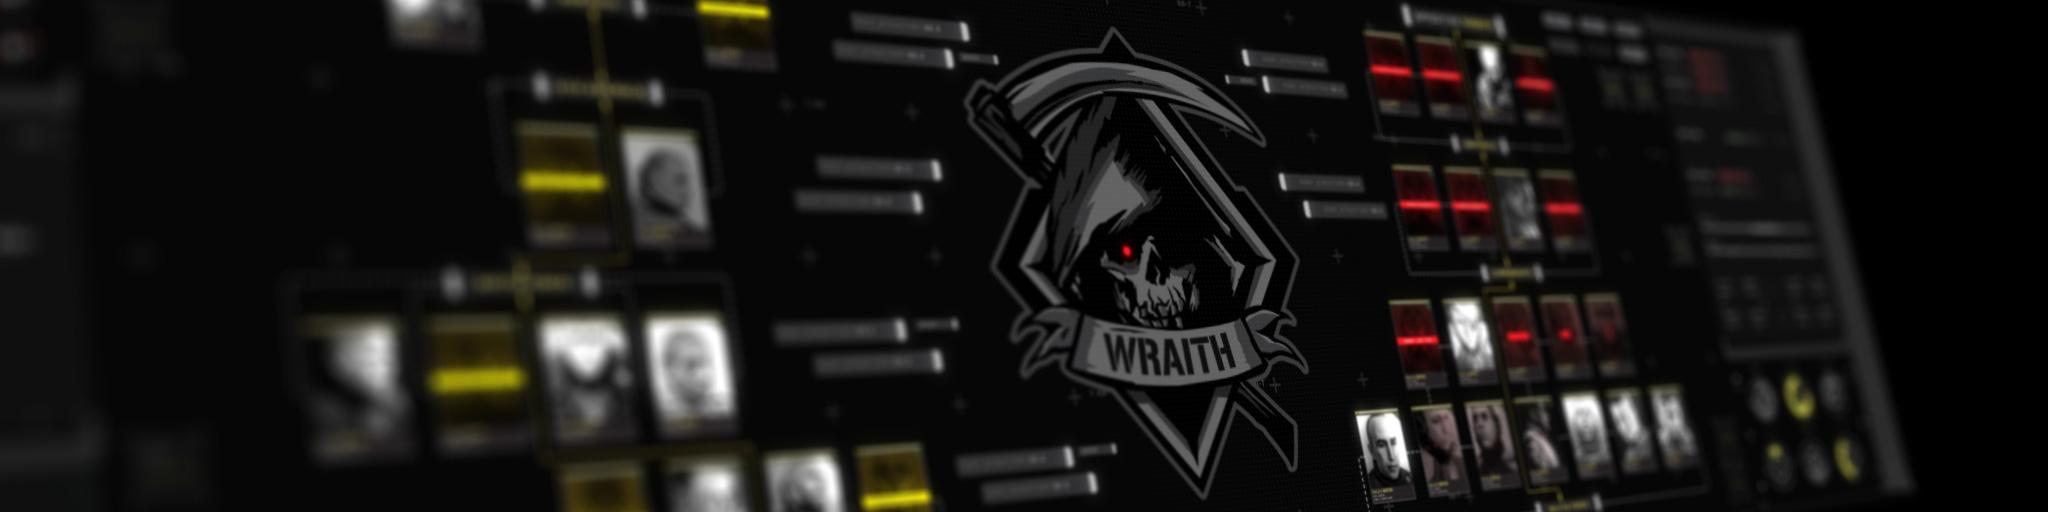 073_MP_Wraith_v005 (00325).jpg